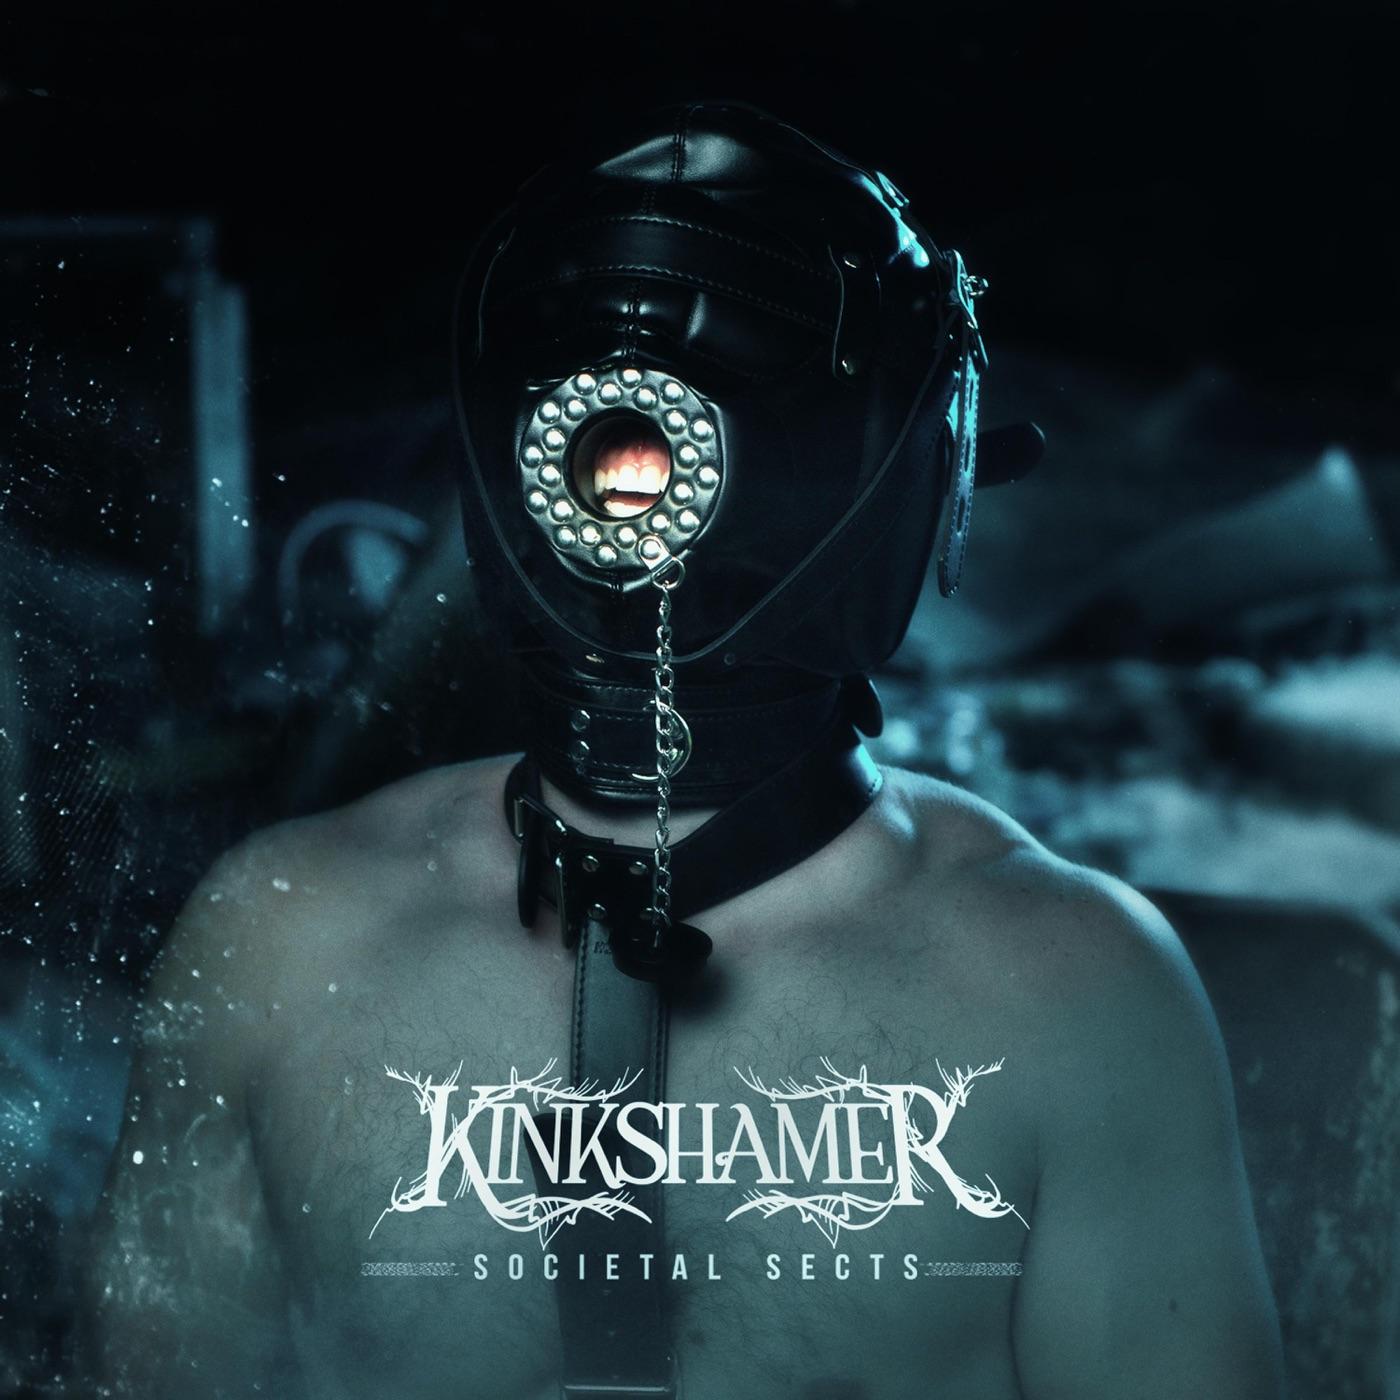 Kinkshamer - Societal Sects [EP] (2019)